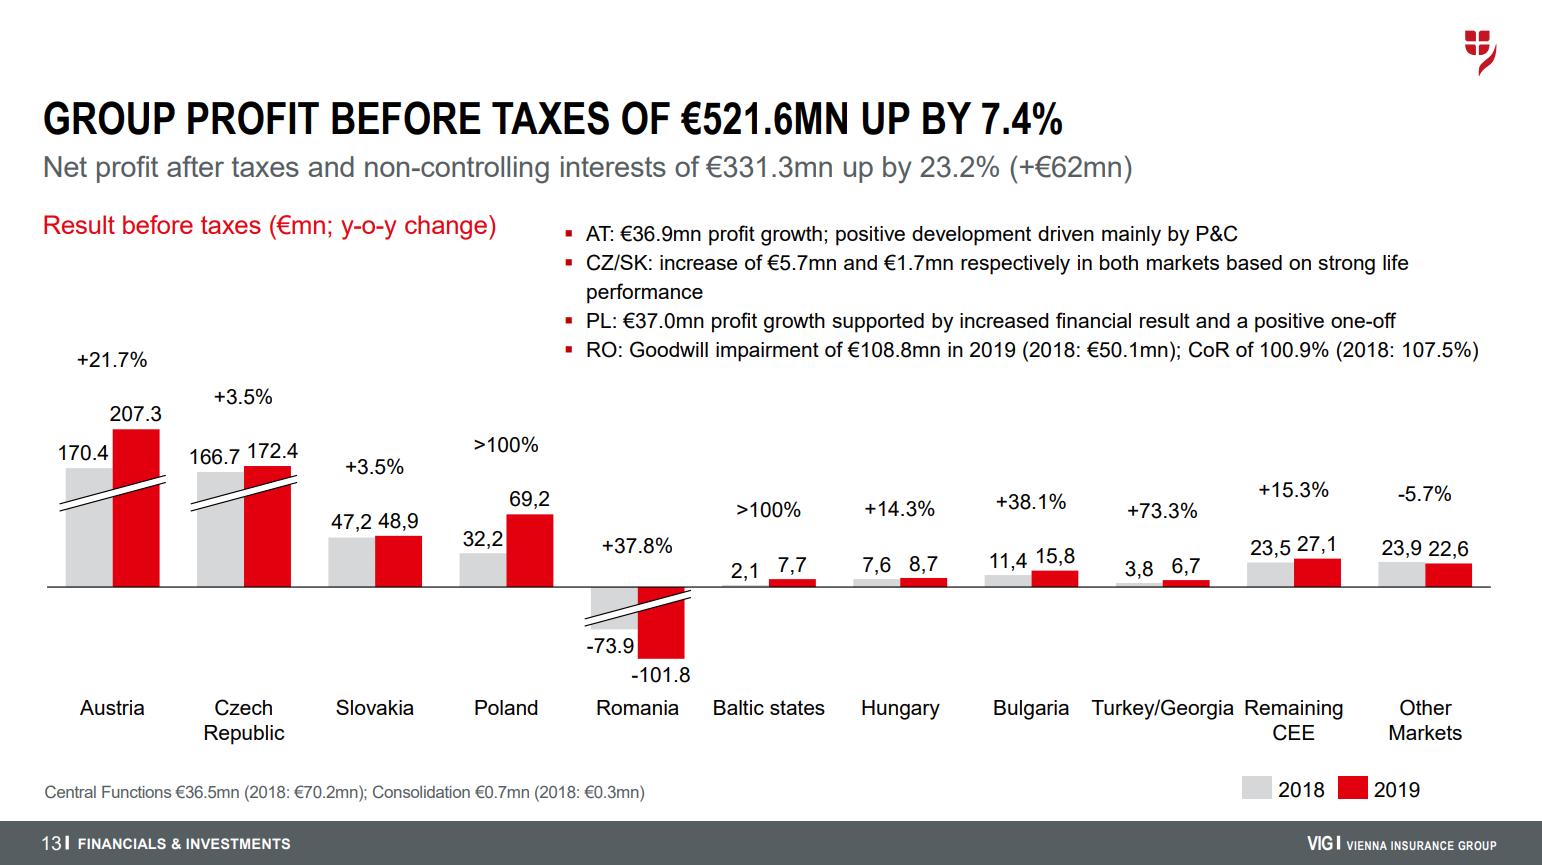 Vývoj zisku před zdaněním skupiny Vienna Insurance Group v jednotlivých zemích